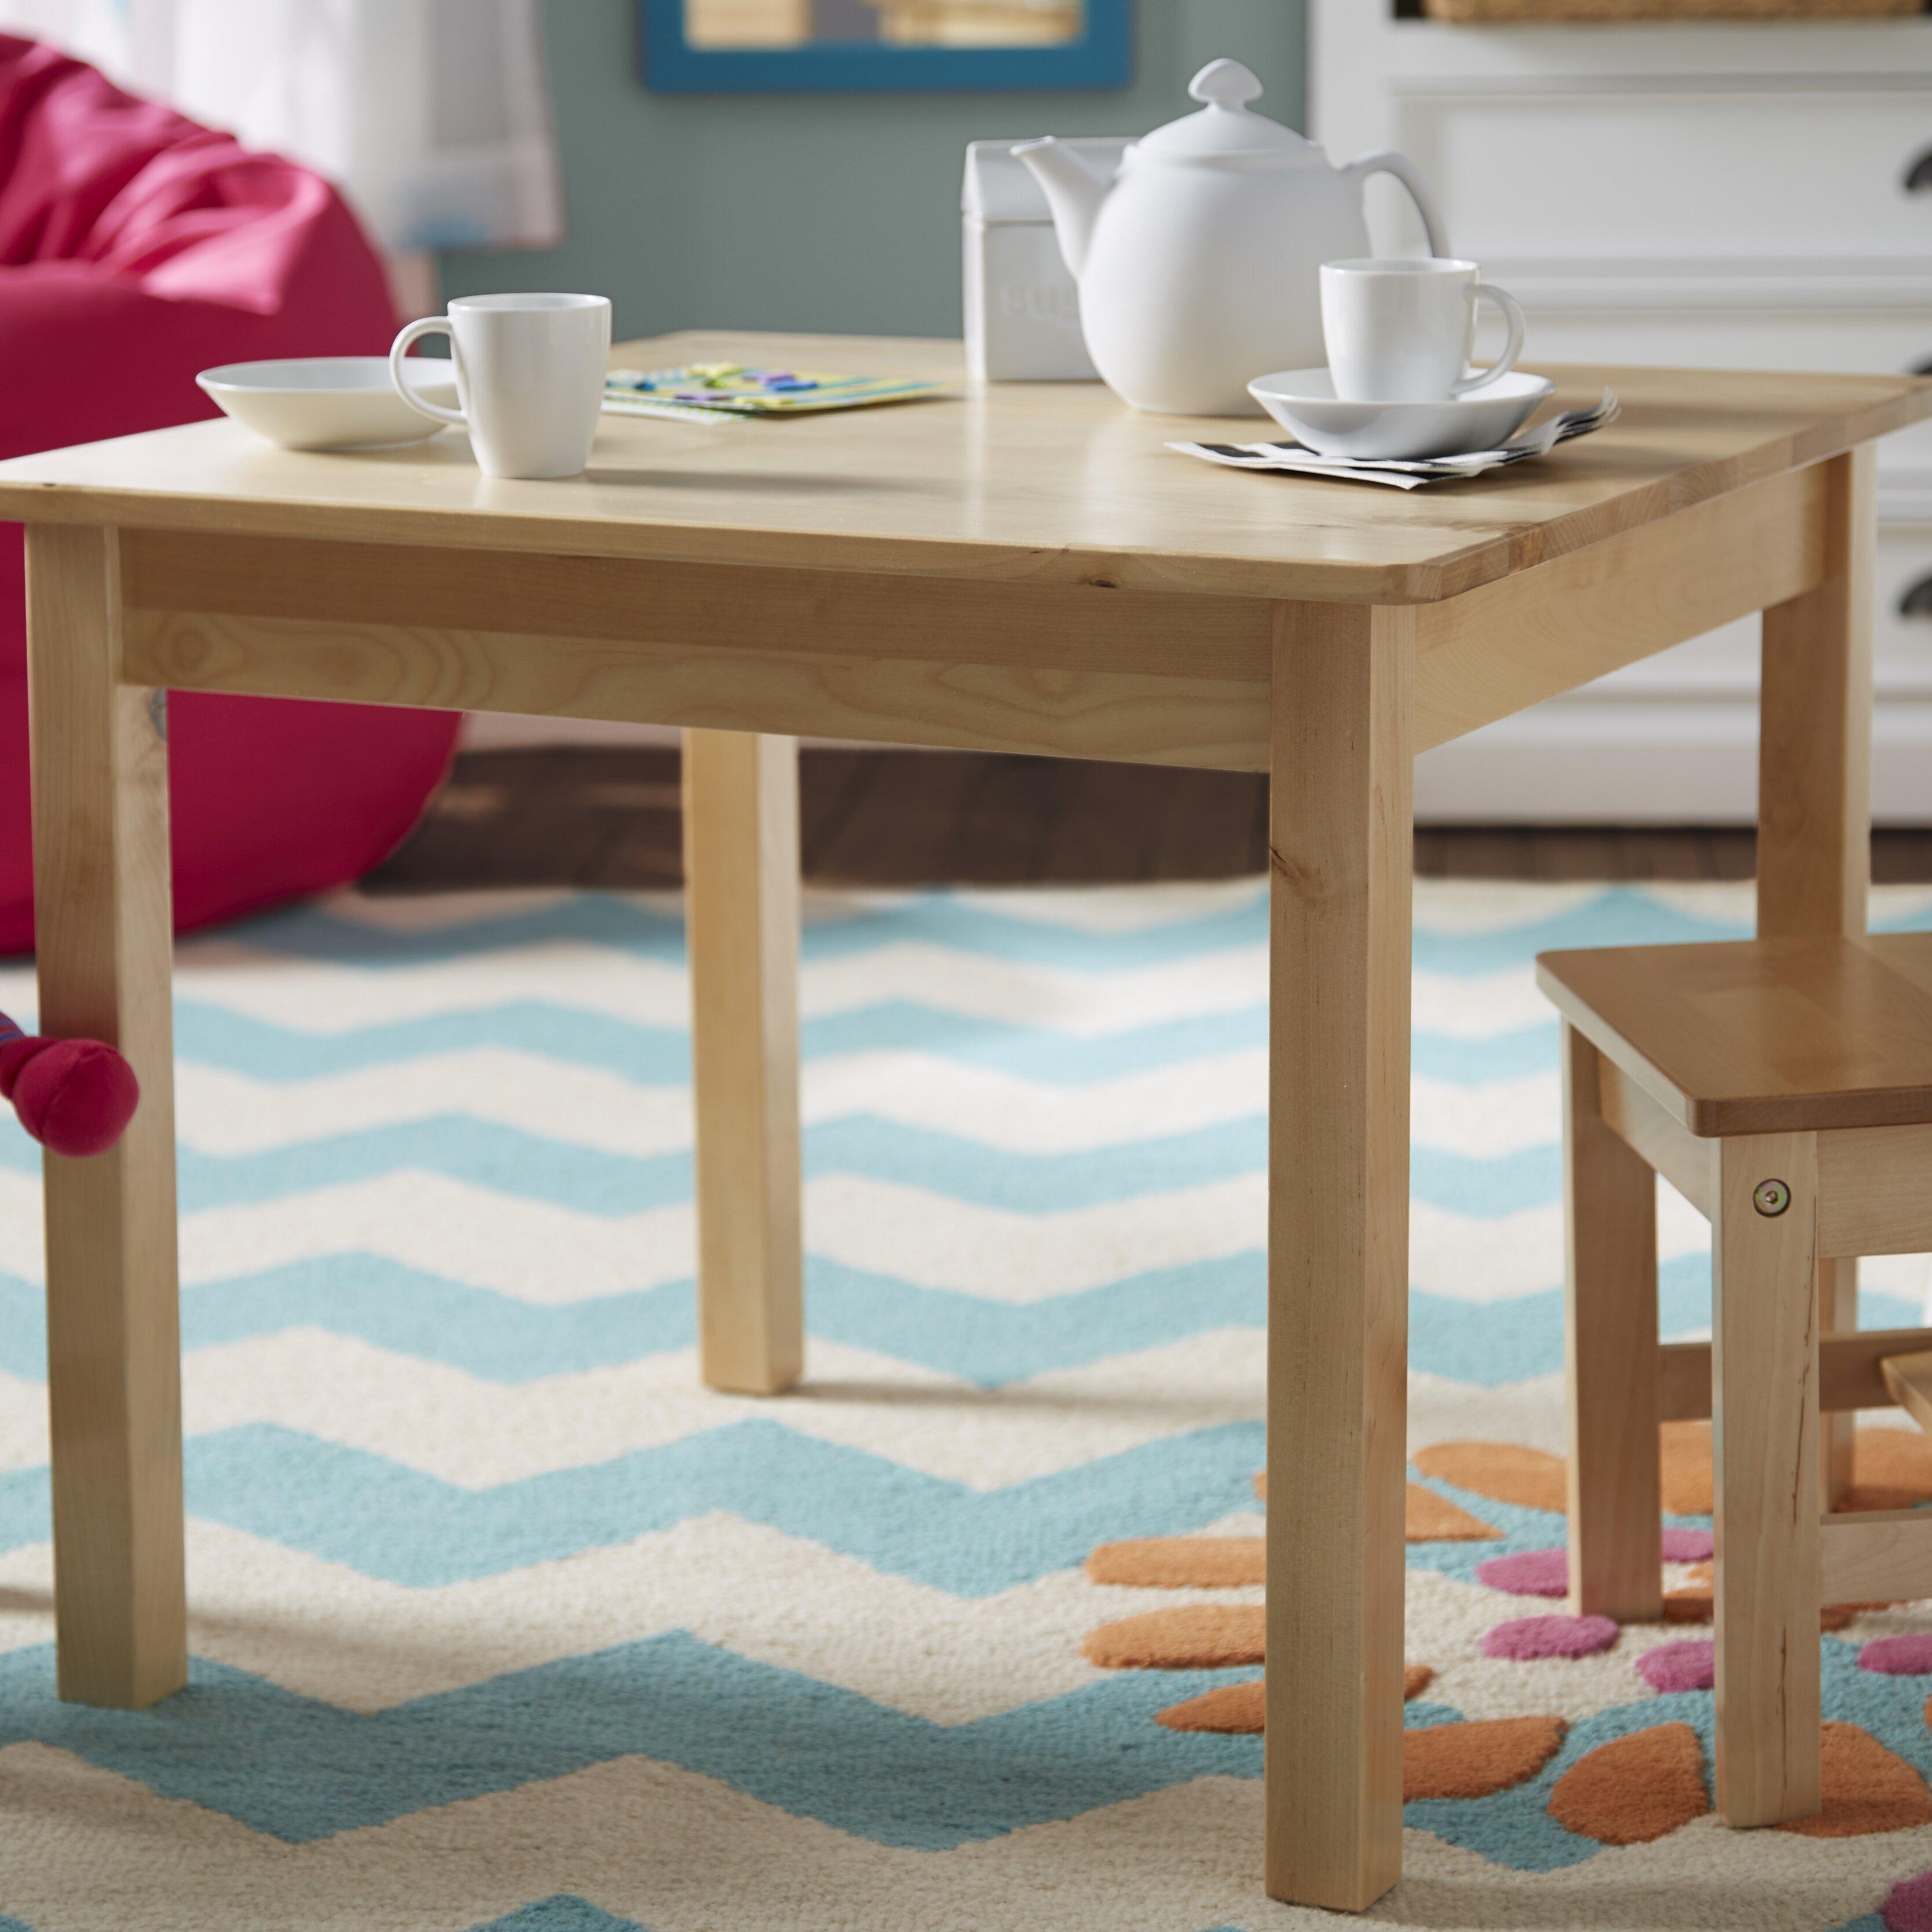 Kidkraft Heart Table And Chair Set Kidkraft Aspen Kids 3 Piece Table And Chair Set Reviews Wayfair